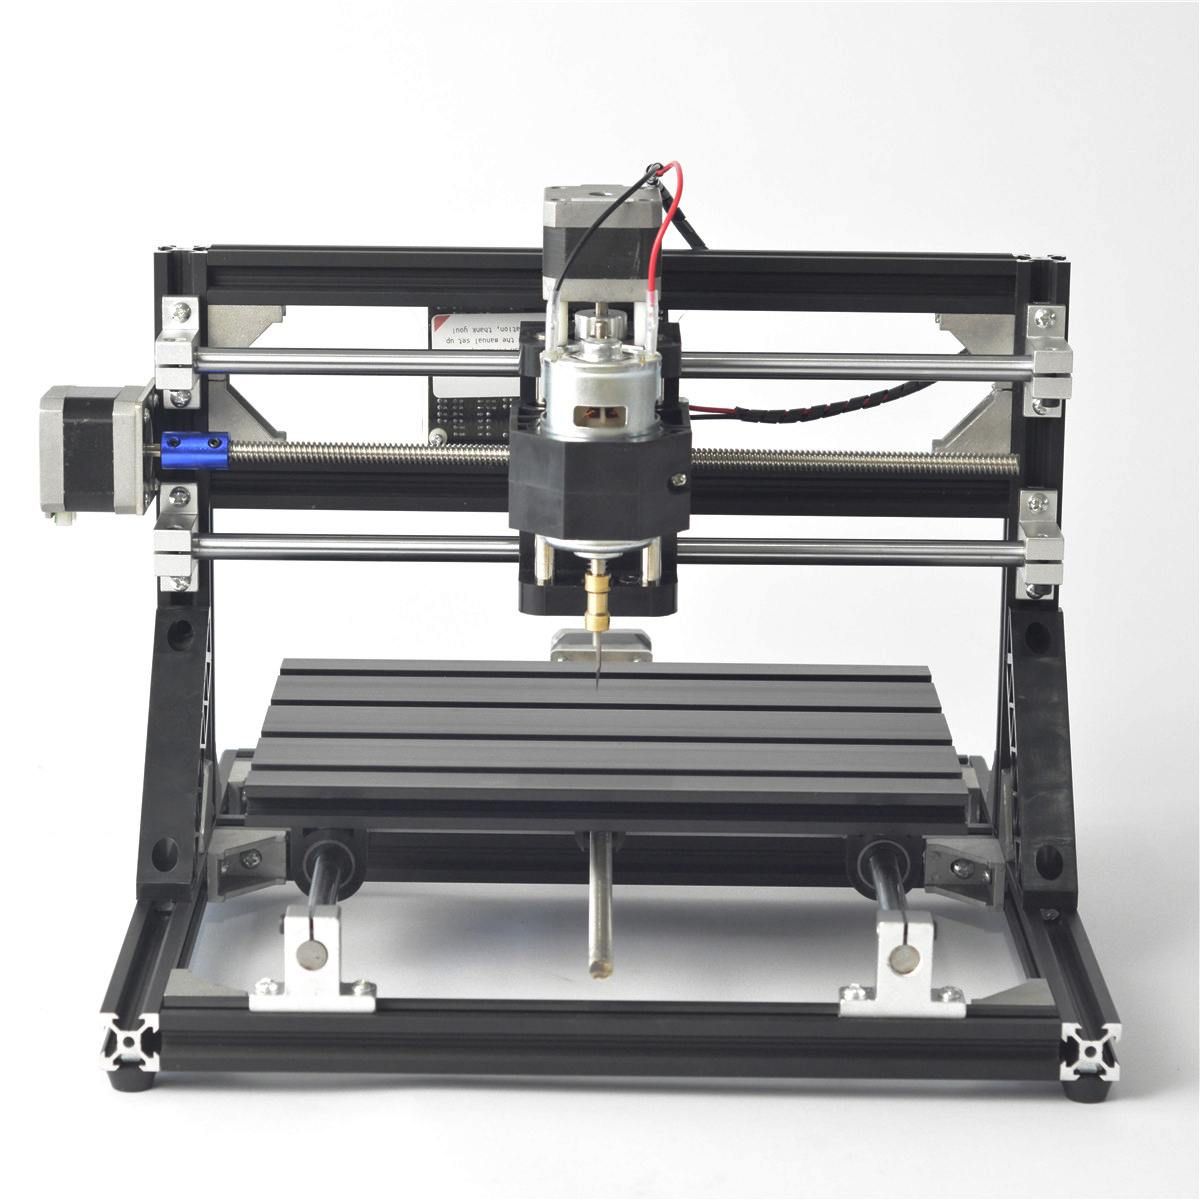 CNC 2418, machine de gravure de CNC, fraiseuse de carte Pcb, Machine de sculpture sur bois, mini routeur de CNC, CNC 2418, meilleurs jouets avancés